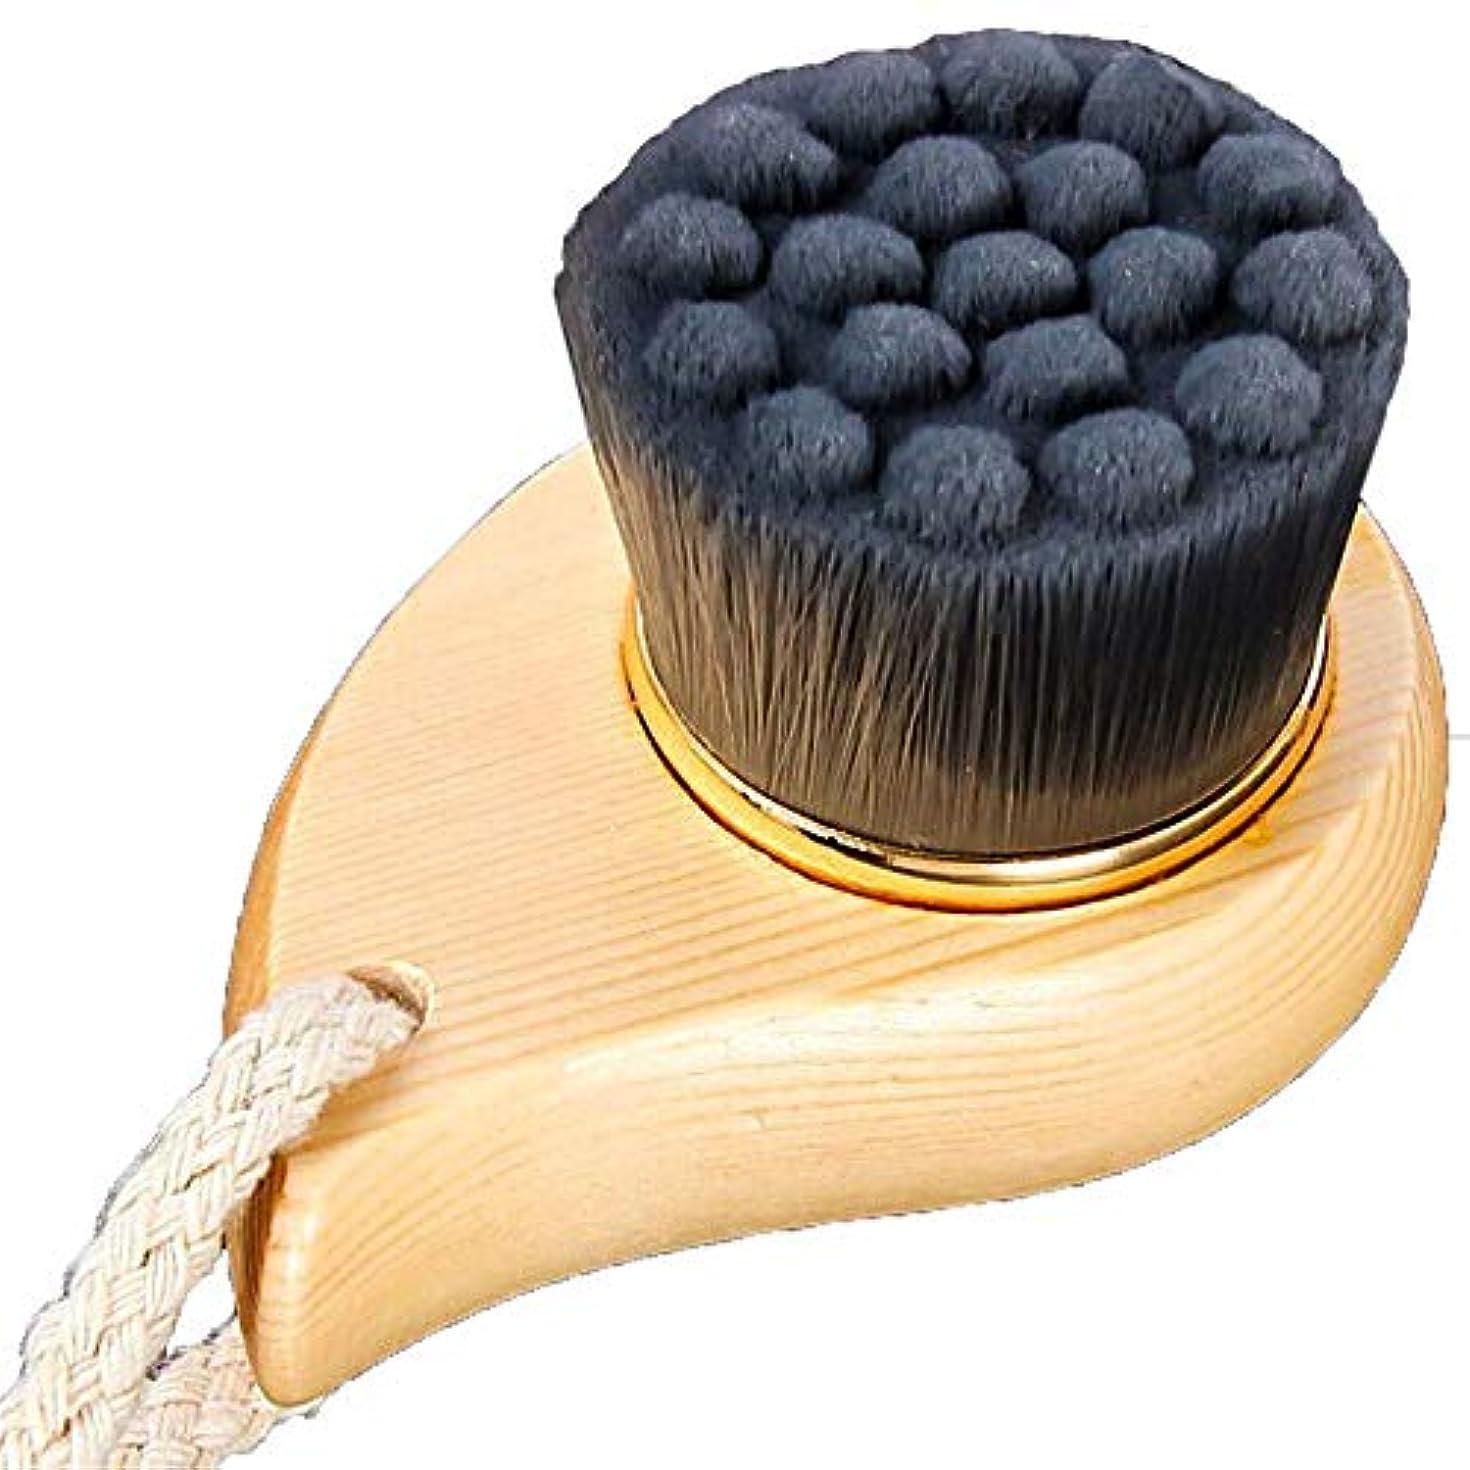 鍔予測子奨励洗顔ブラシ 深い毛穴のための柔らかい剛毛の表面クリーニングの美のブラシの清潔になることの美顔術のブラシ ディープクレンジングスキンケア用